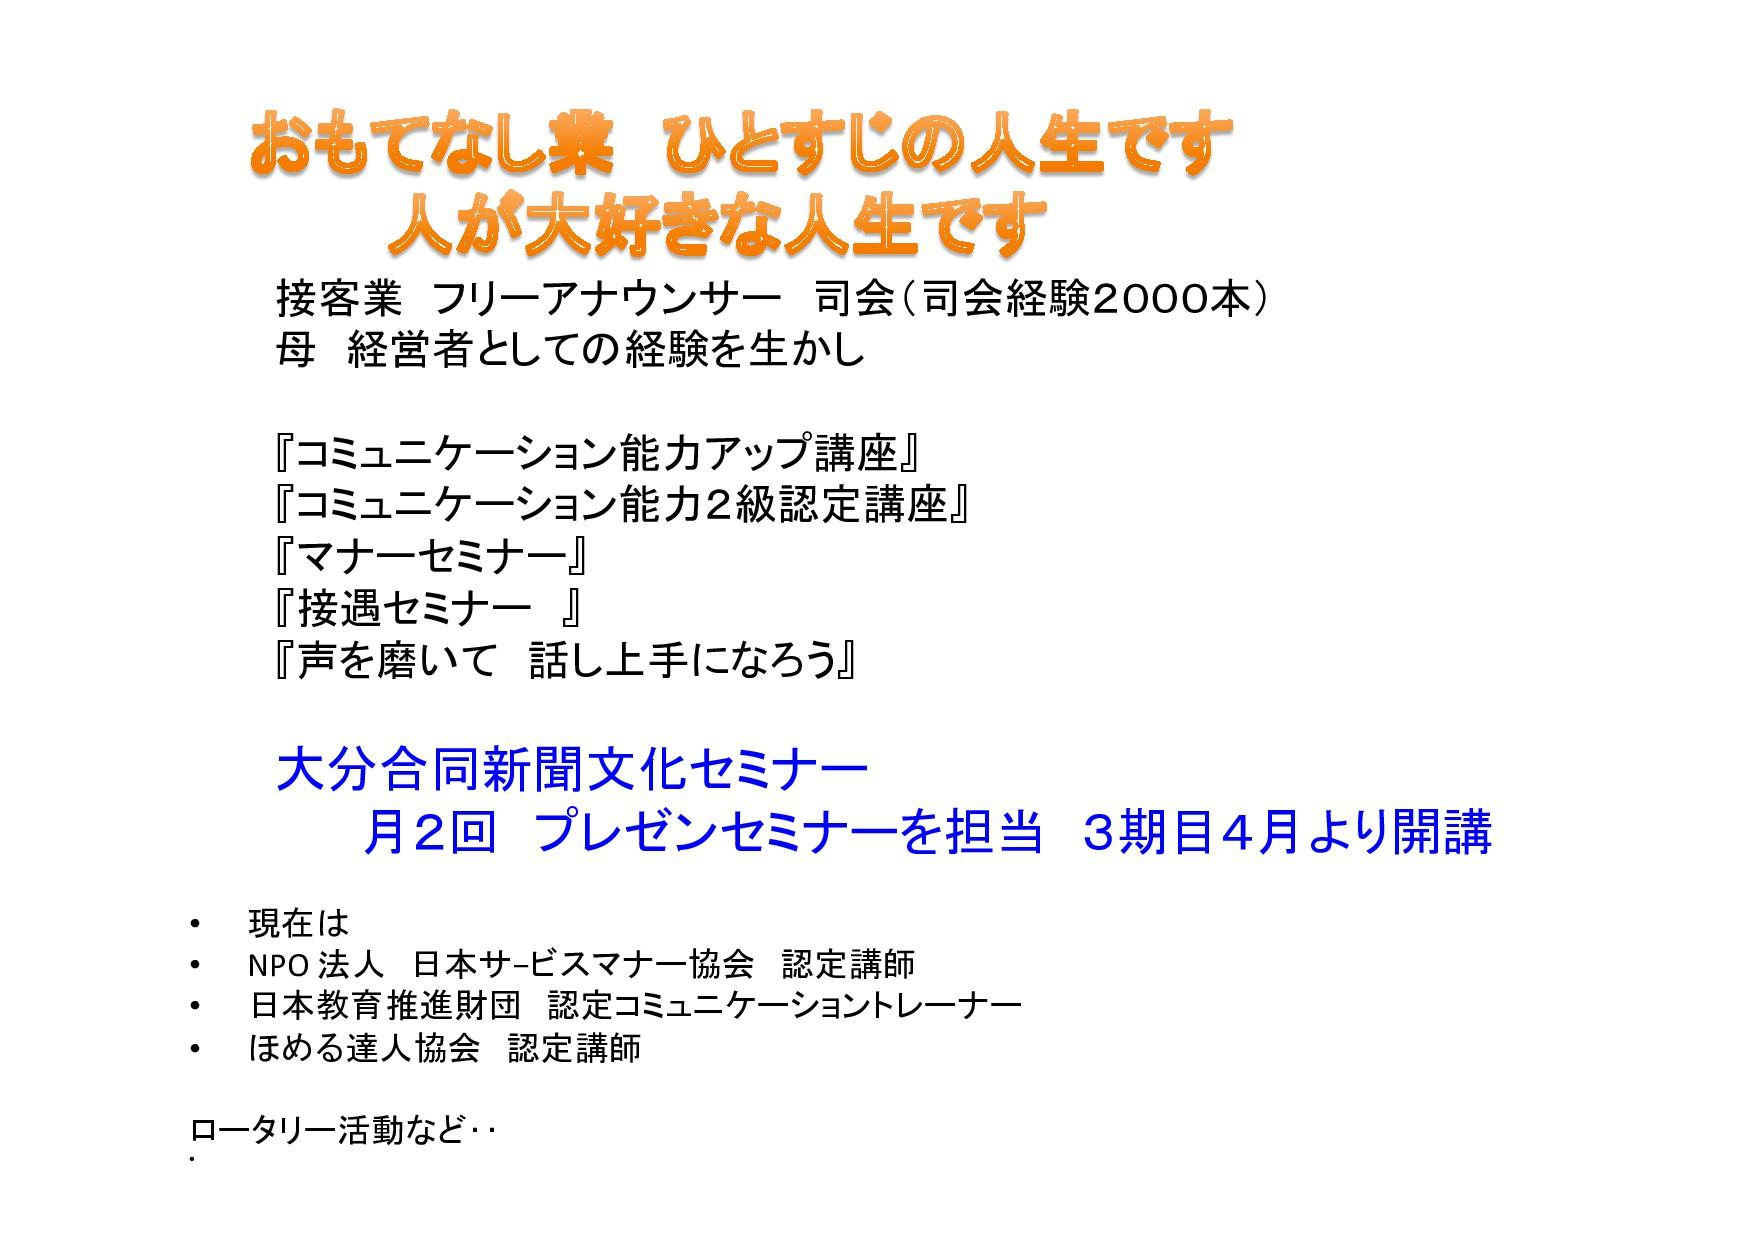 接客業 フリーアナウンサー 司会(司会経験2000本)    母 経営者としての経験を生...